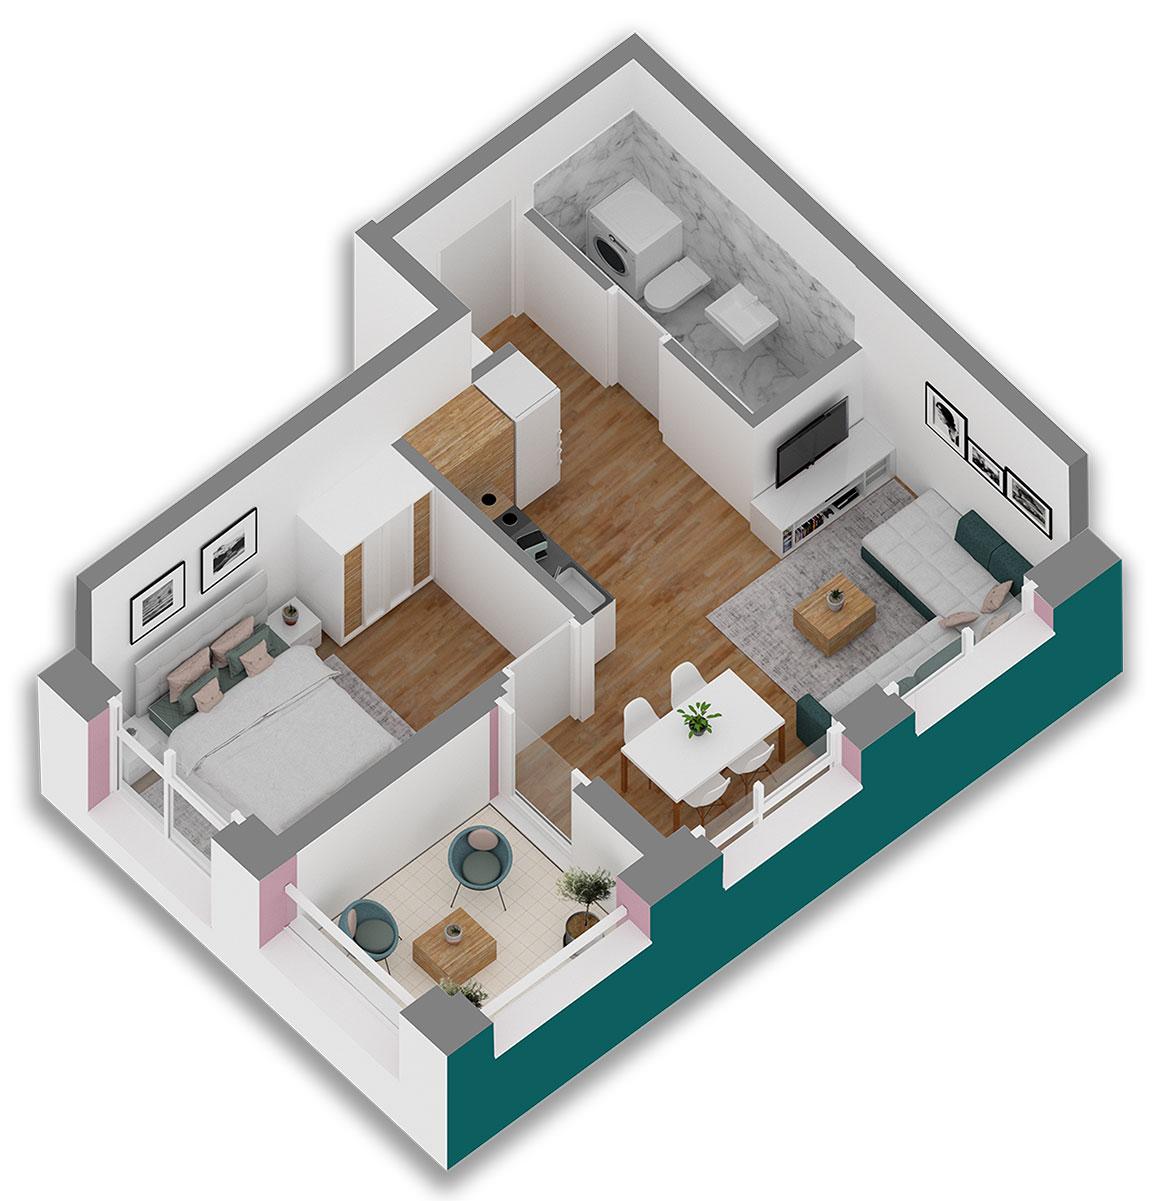 Apartament 1+1 ne kommpleksin Mangalem 21 ne Ali Dem